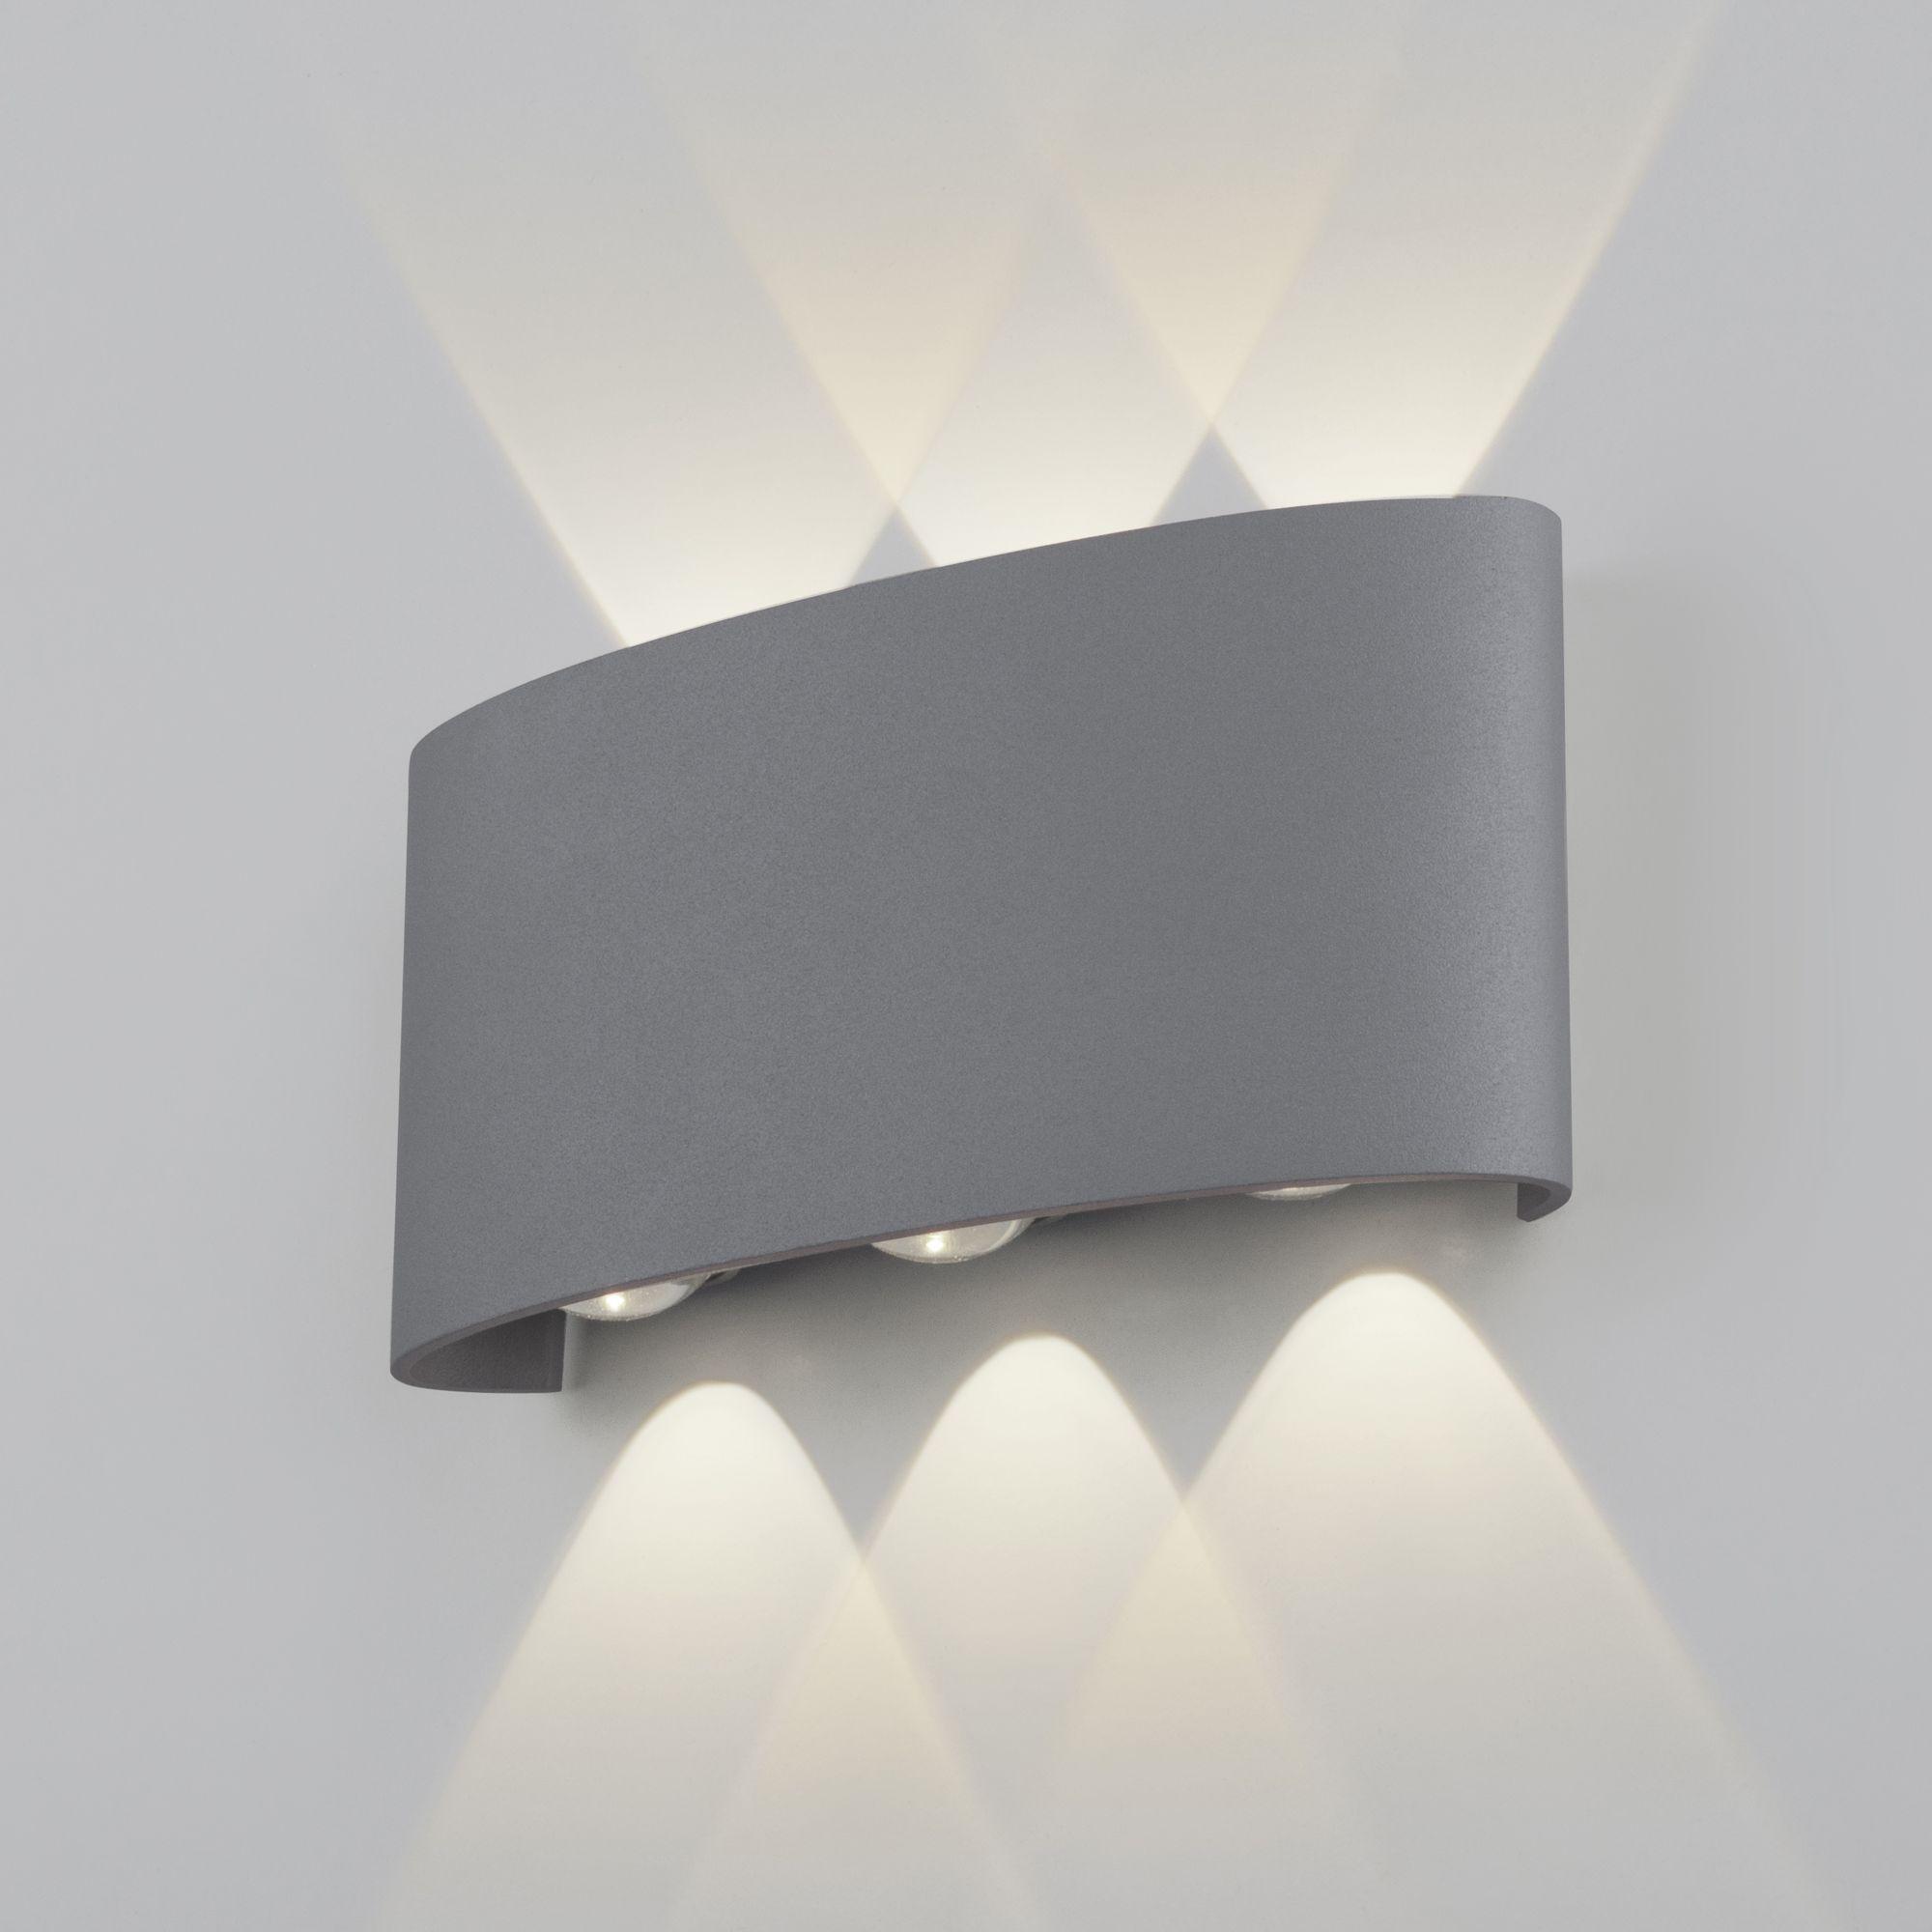 Пылевлагозащи<wbr>щенный светодиодный светильник Twinky Trio серый IP54 1551 Techno LED серый